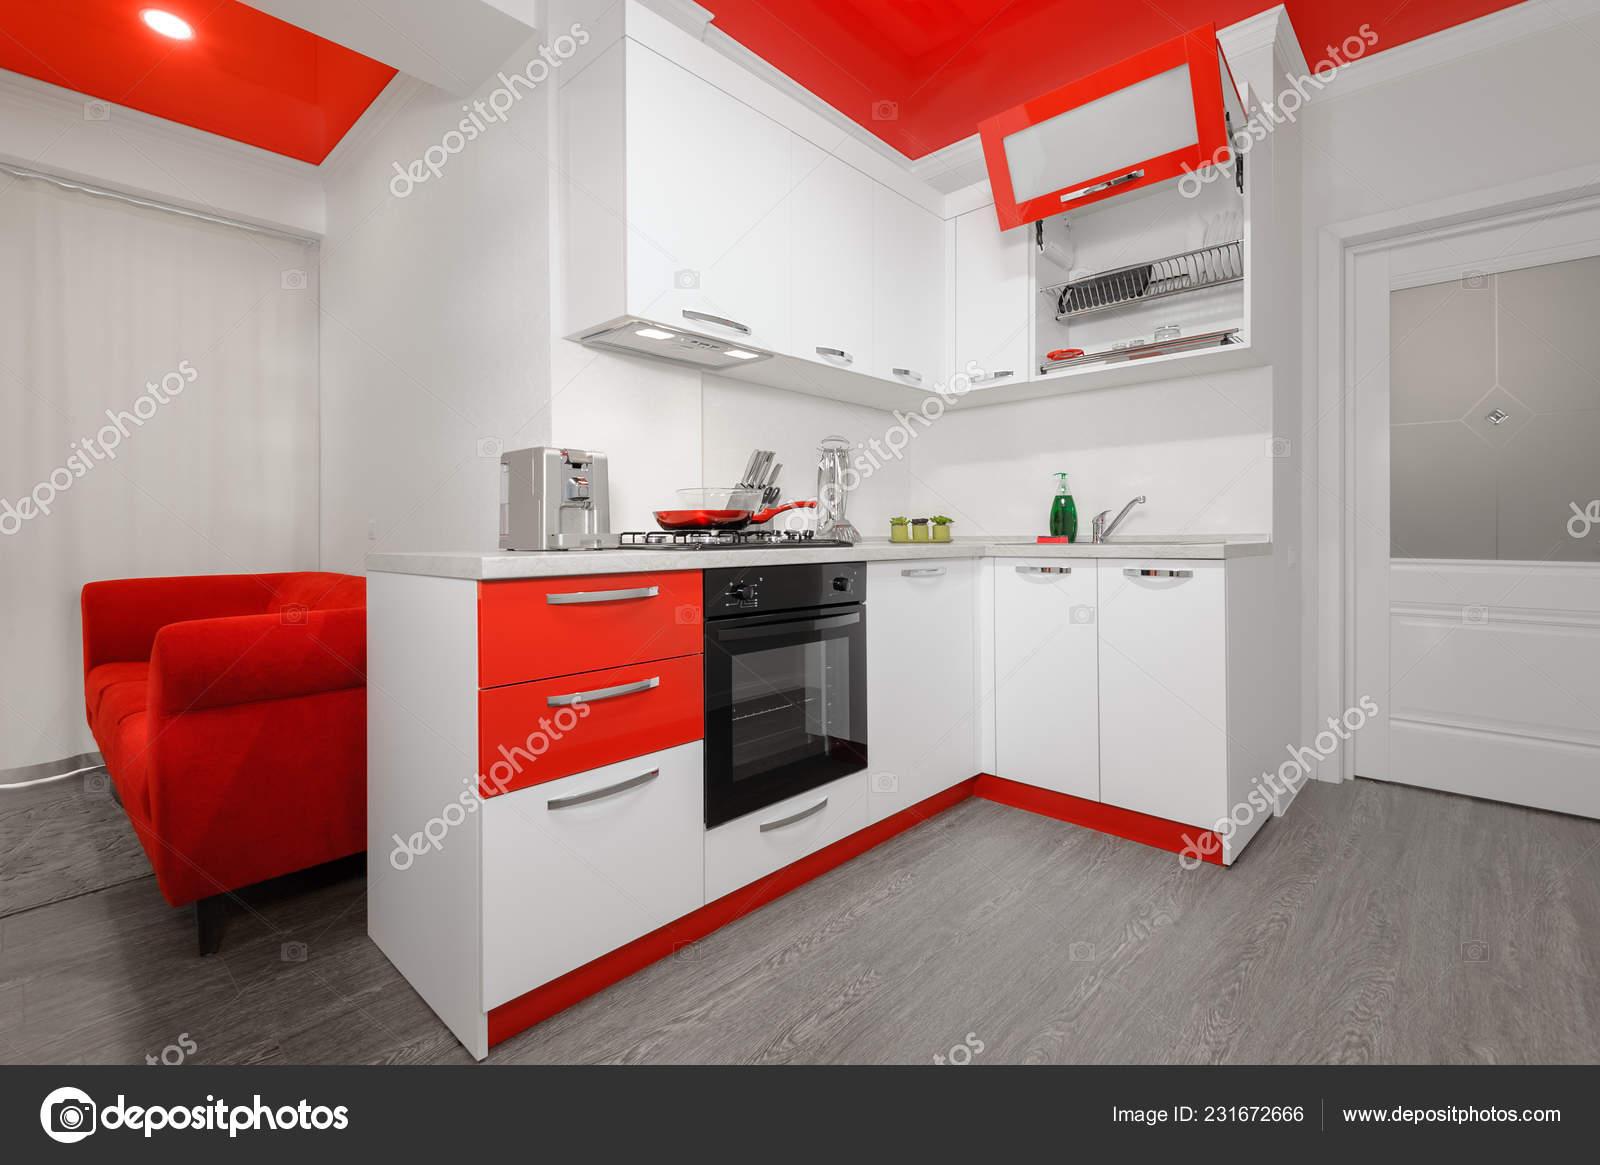 Modern red and white kitchen interior 9